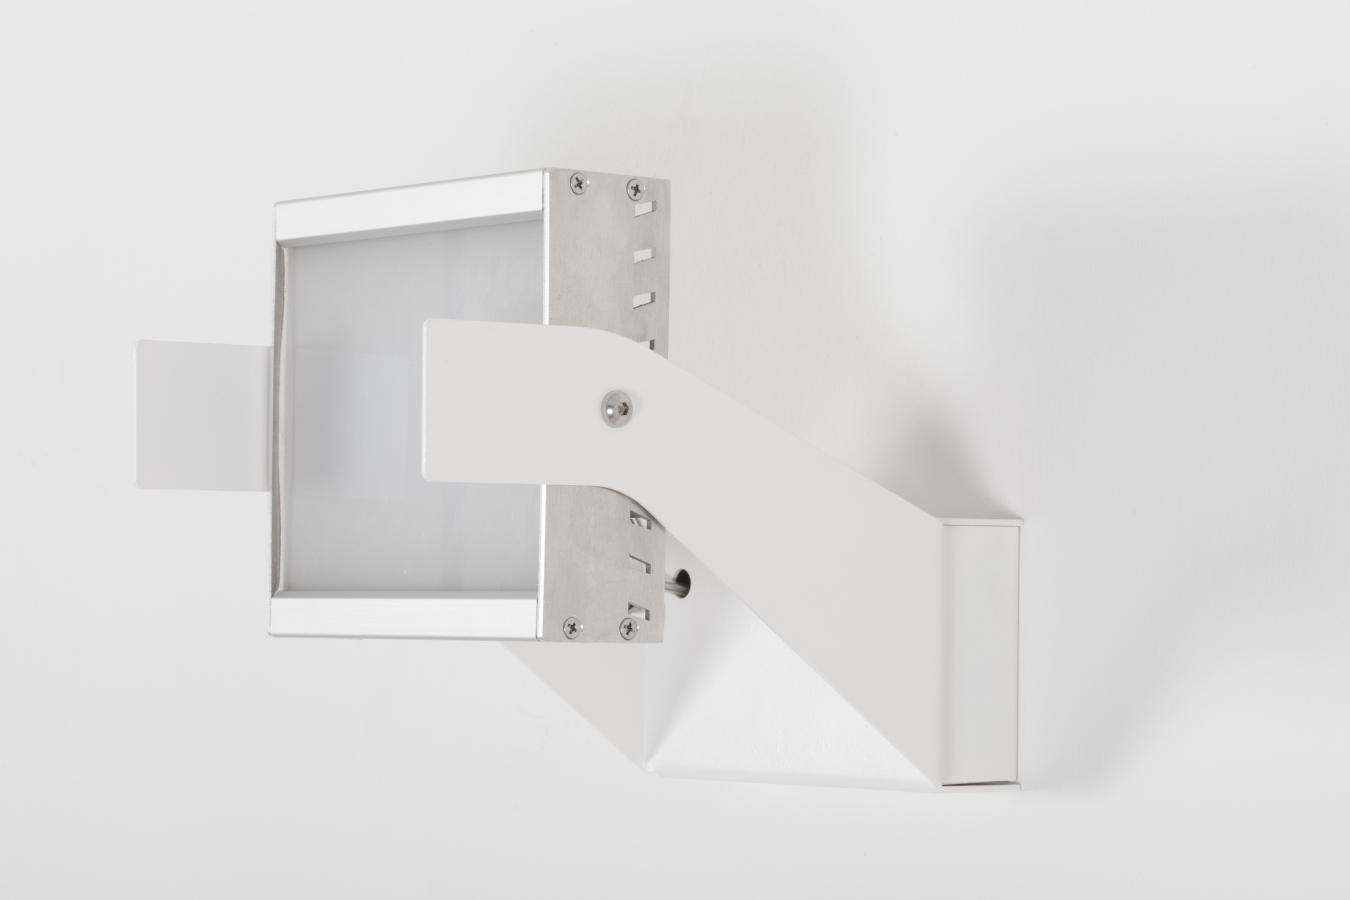 iguana-led-scheinwerfer-engi-lighting